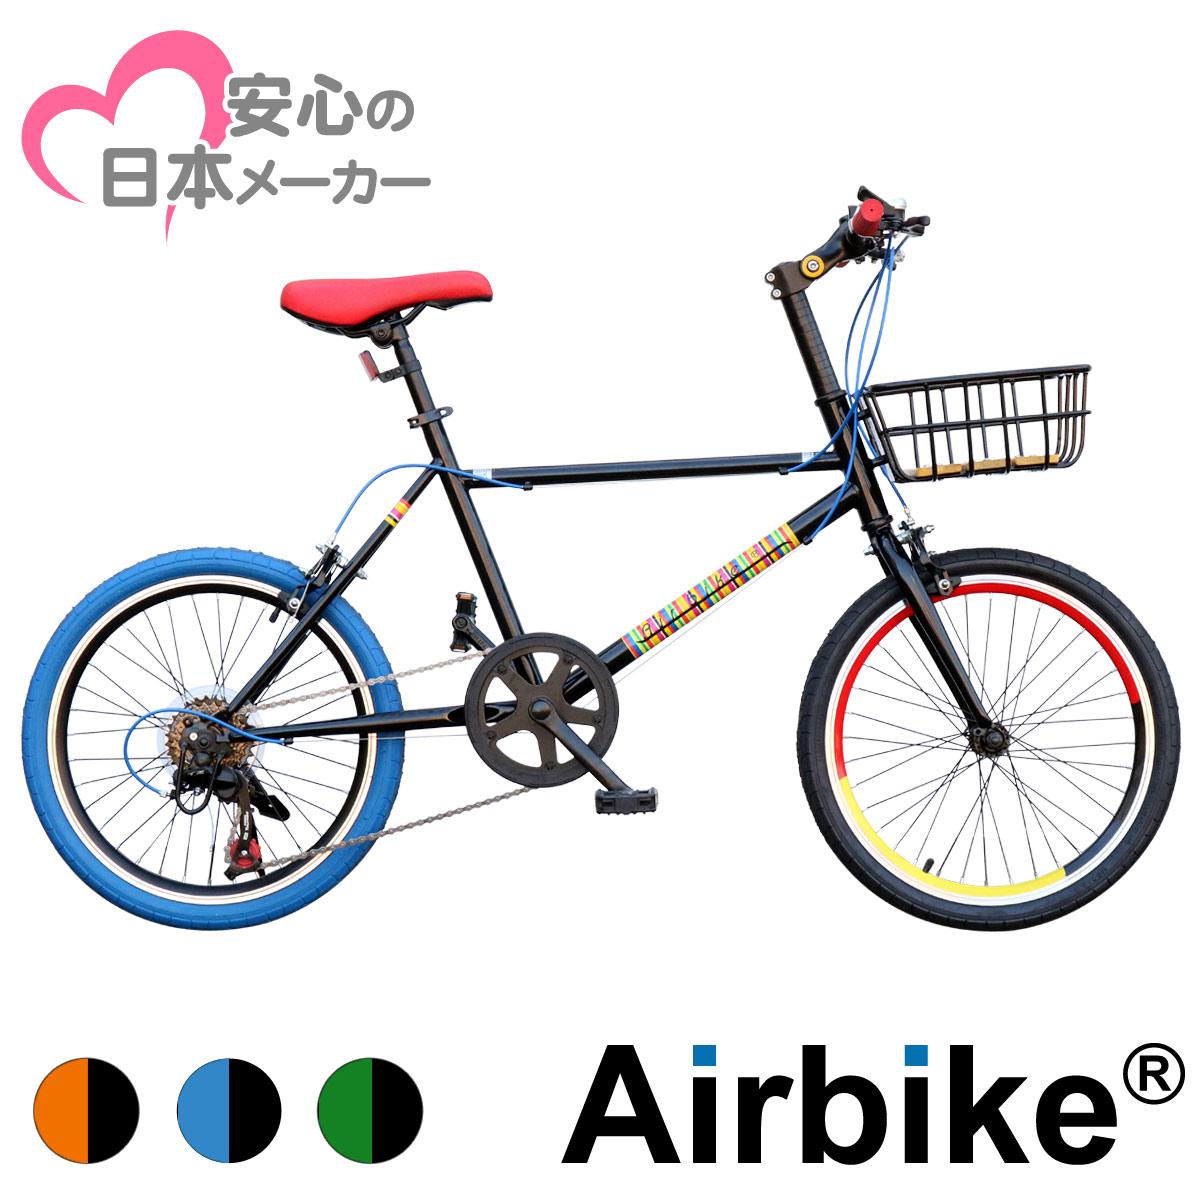 ミニベロ 3色リム 20インチ かご付き シマノ7段変速 Airbike (タイヤ小径車 街乗り自転車 シティサイクル アウトドア)